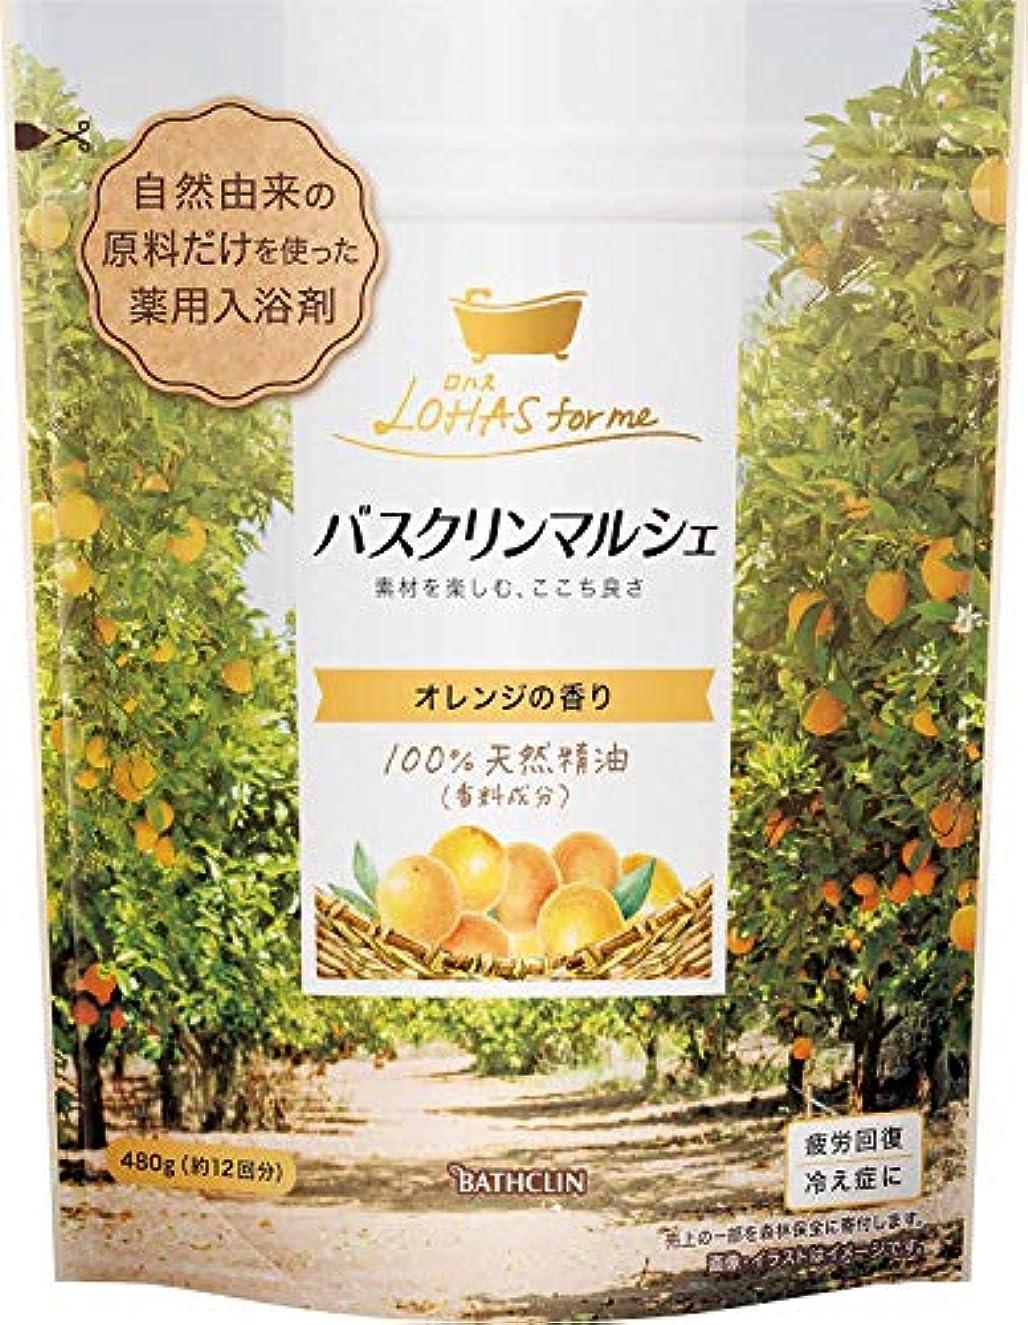 ペッカディロ任命する【医薬部外品/合成香料無添加】バスクリンマルシェ入浴剤 オレンジの香り480g 自然派ほのかなやさしい香り